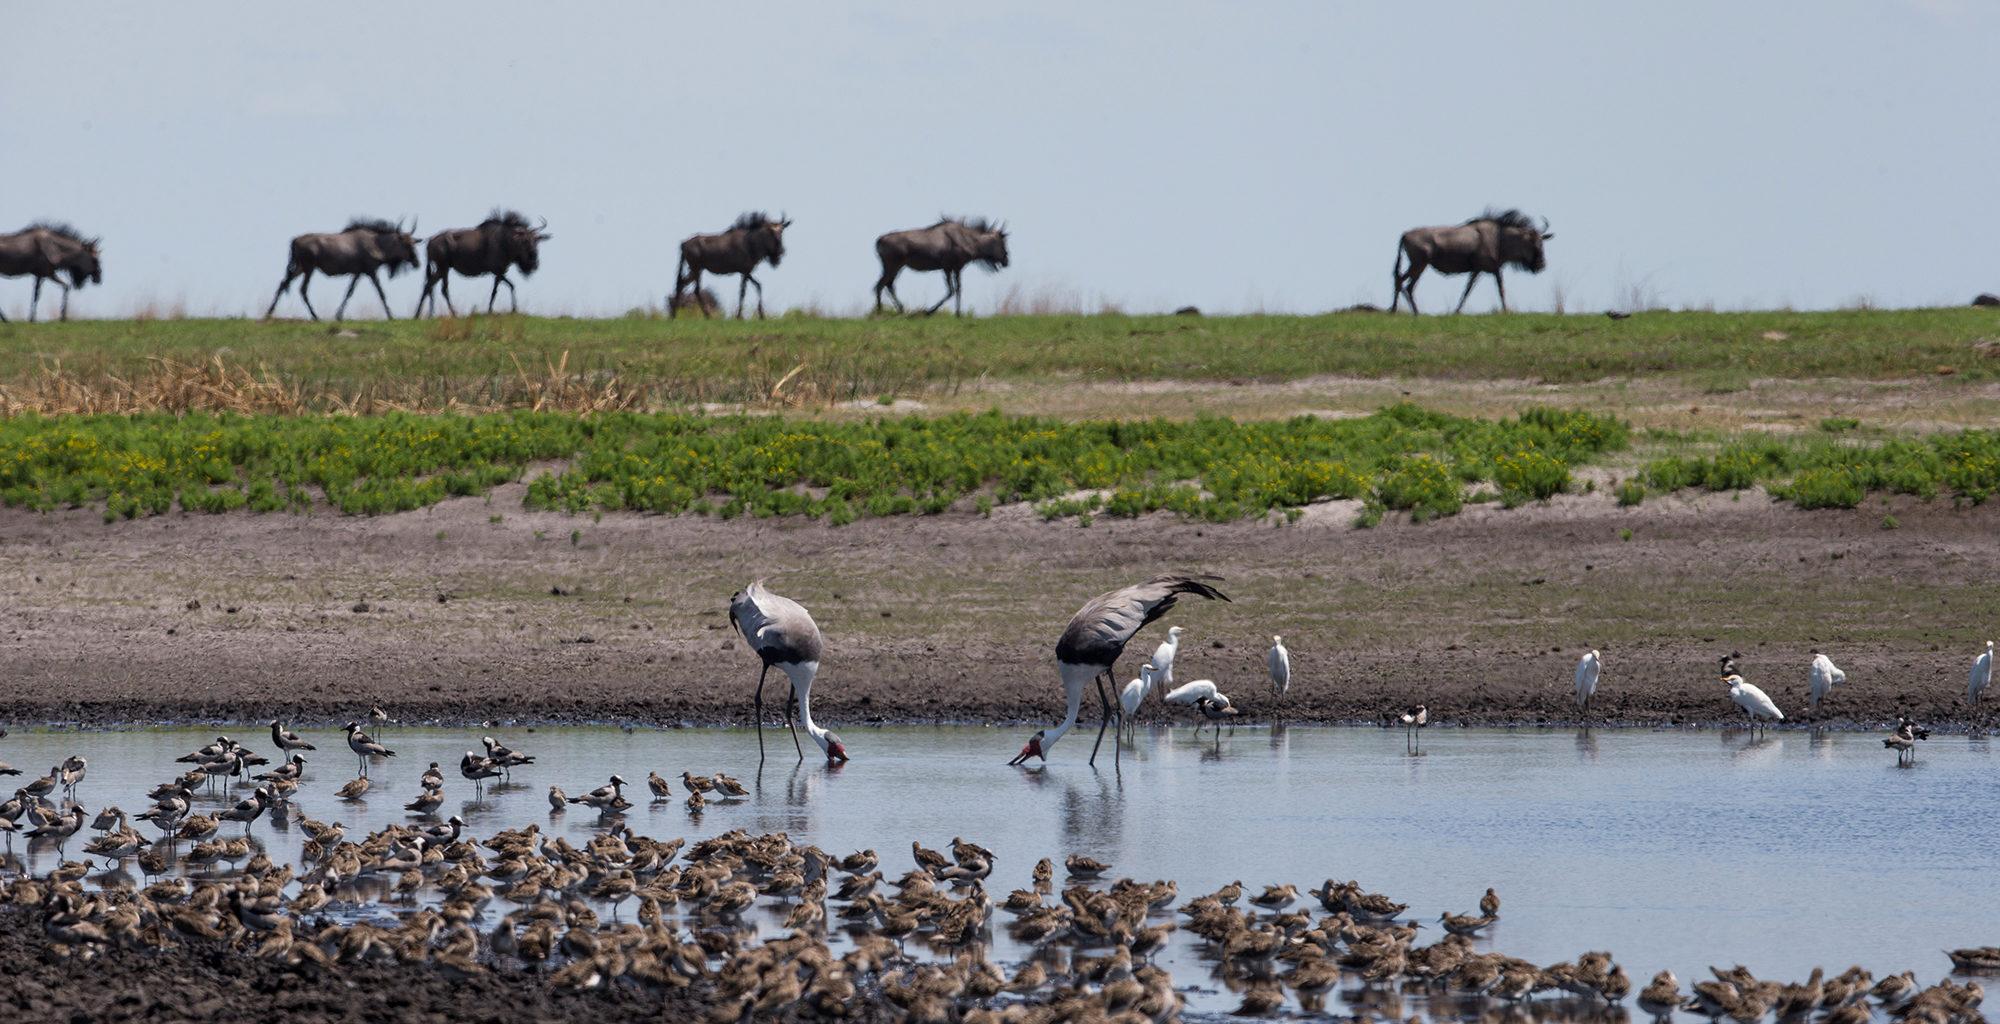 Zambia-Liuwa-Plain-Wildlife-Birds